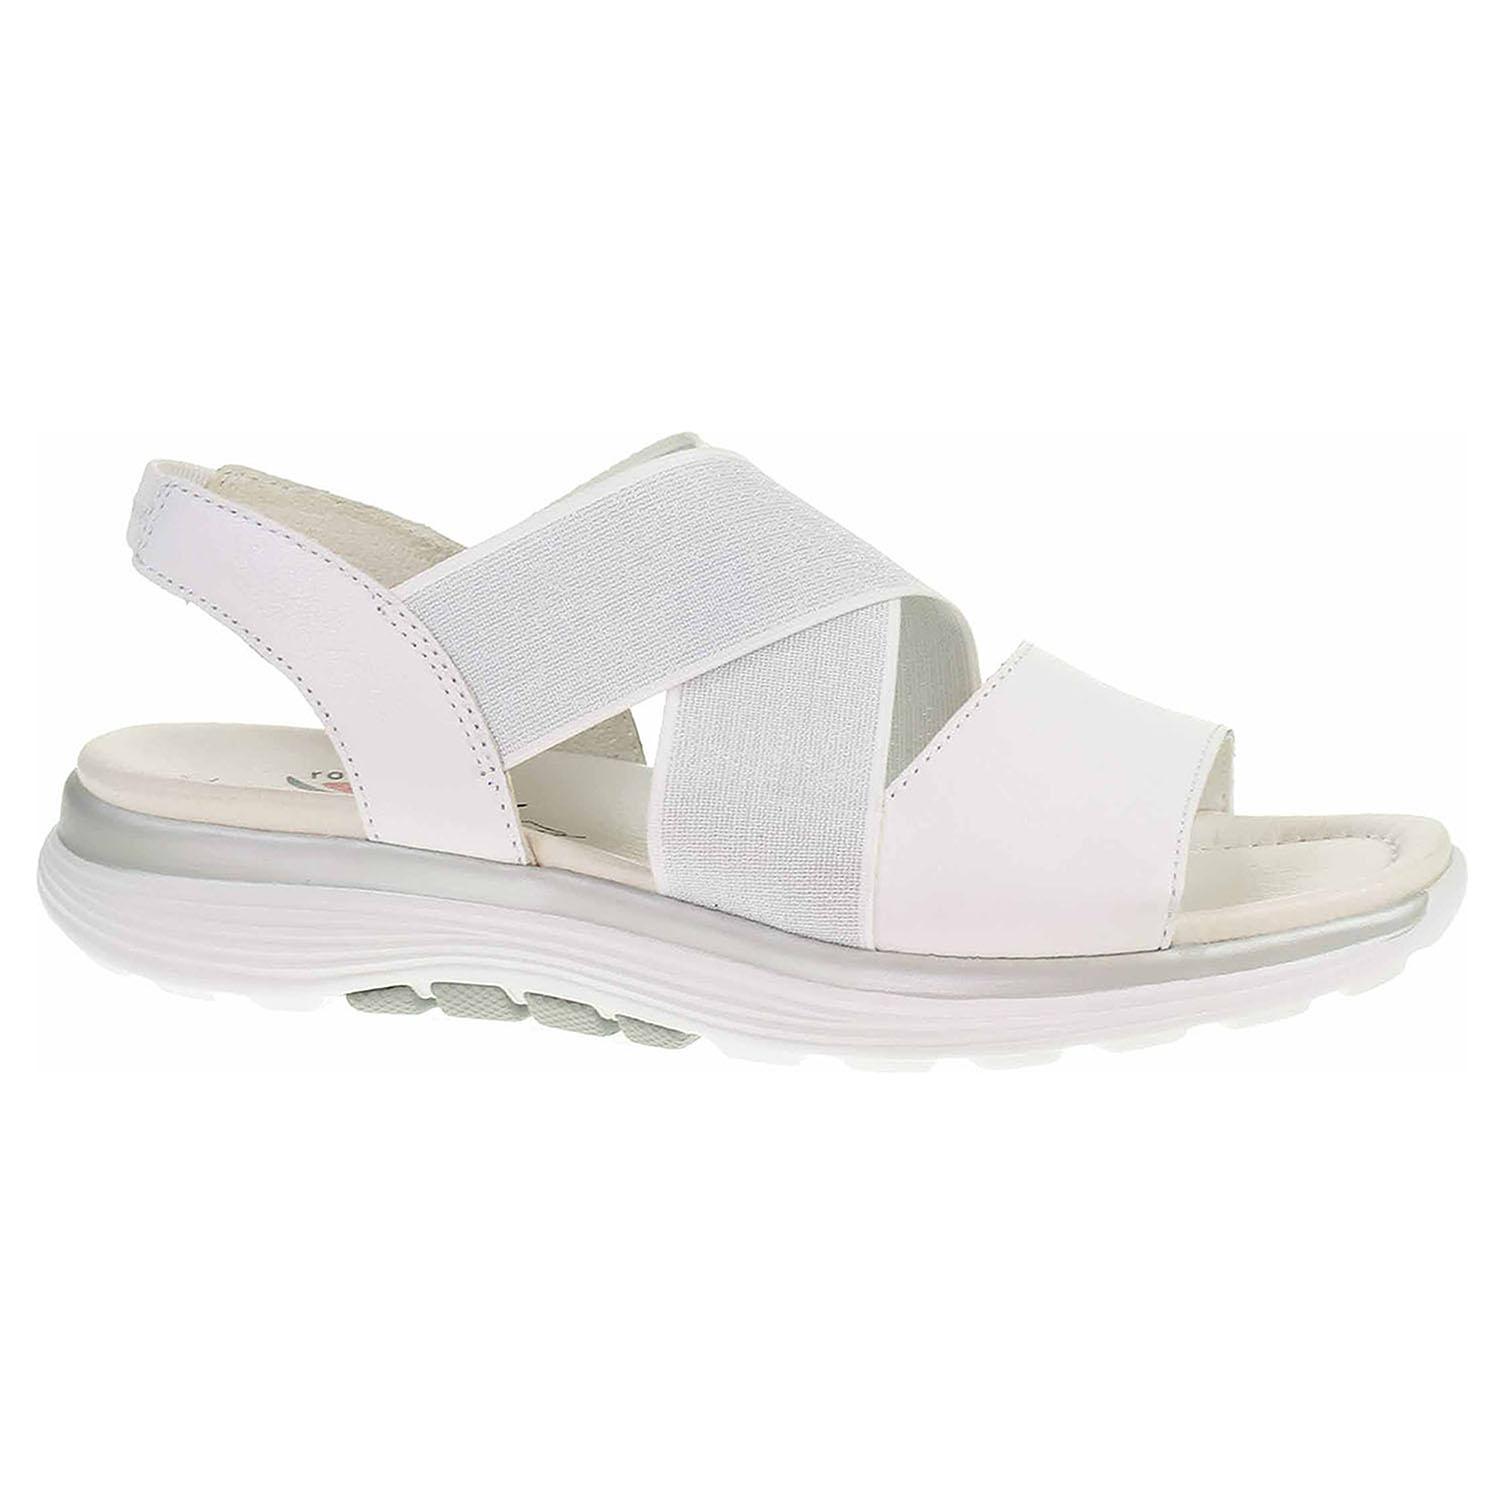 Dámské sandály Gabor 46.815.50 weiss 46.815.50 38